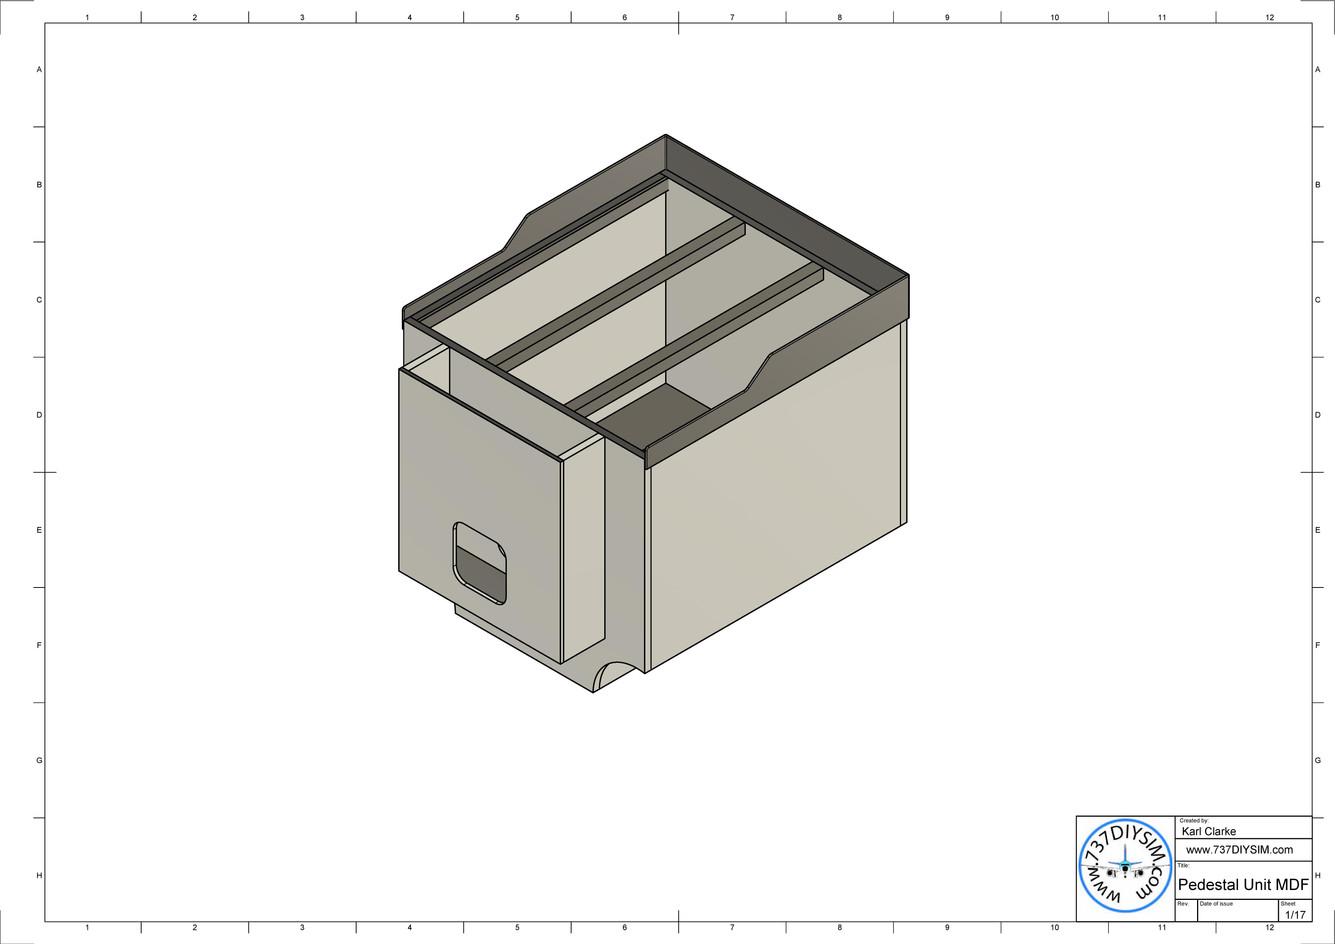 Pedestal Unit MDF Drawing v2-page-001.jp